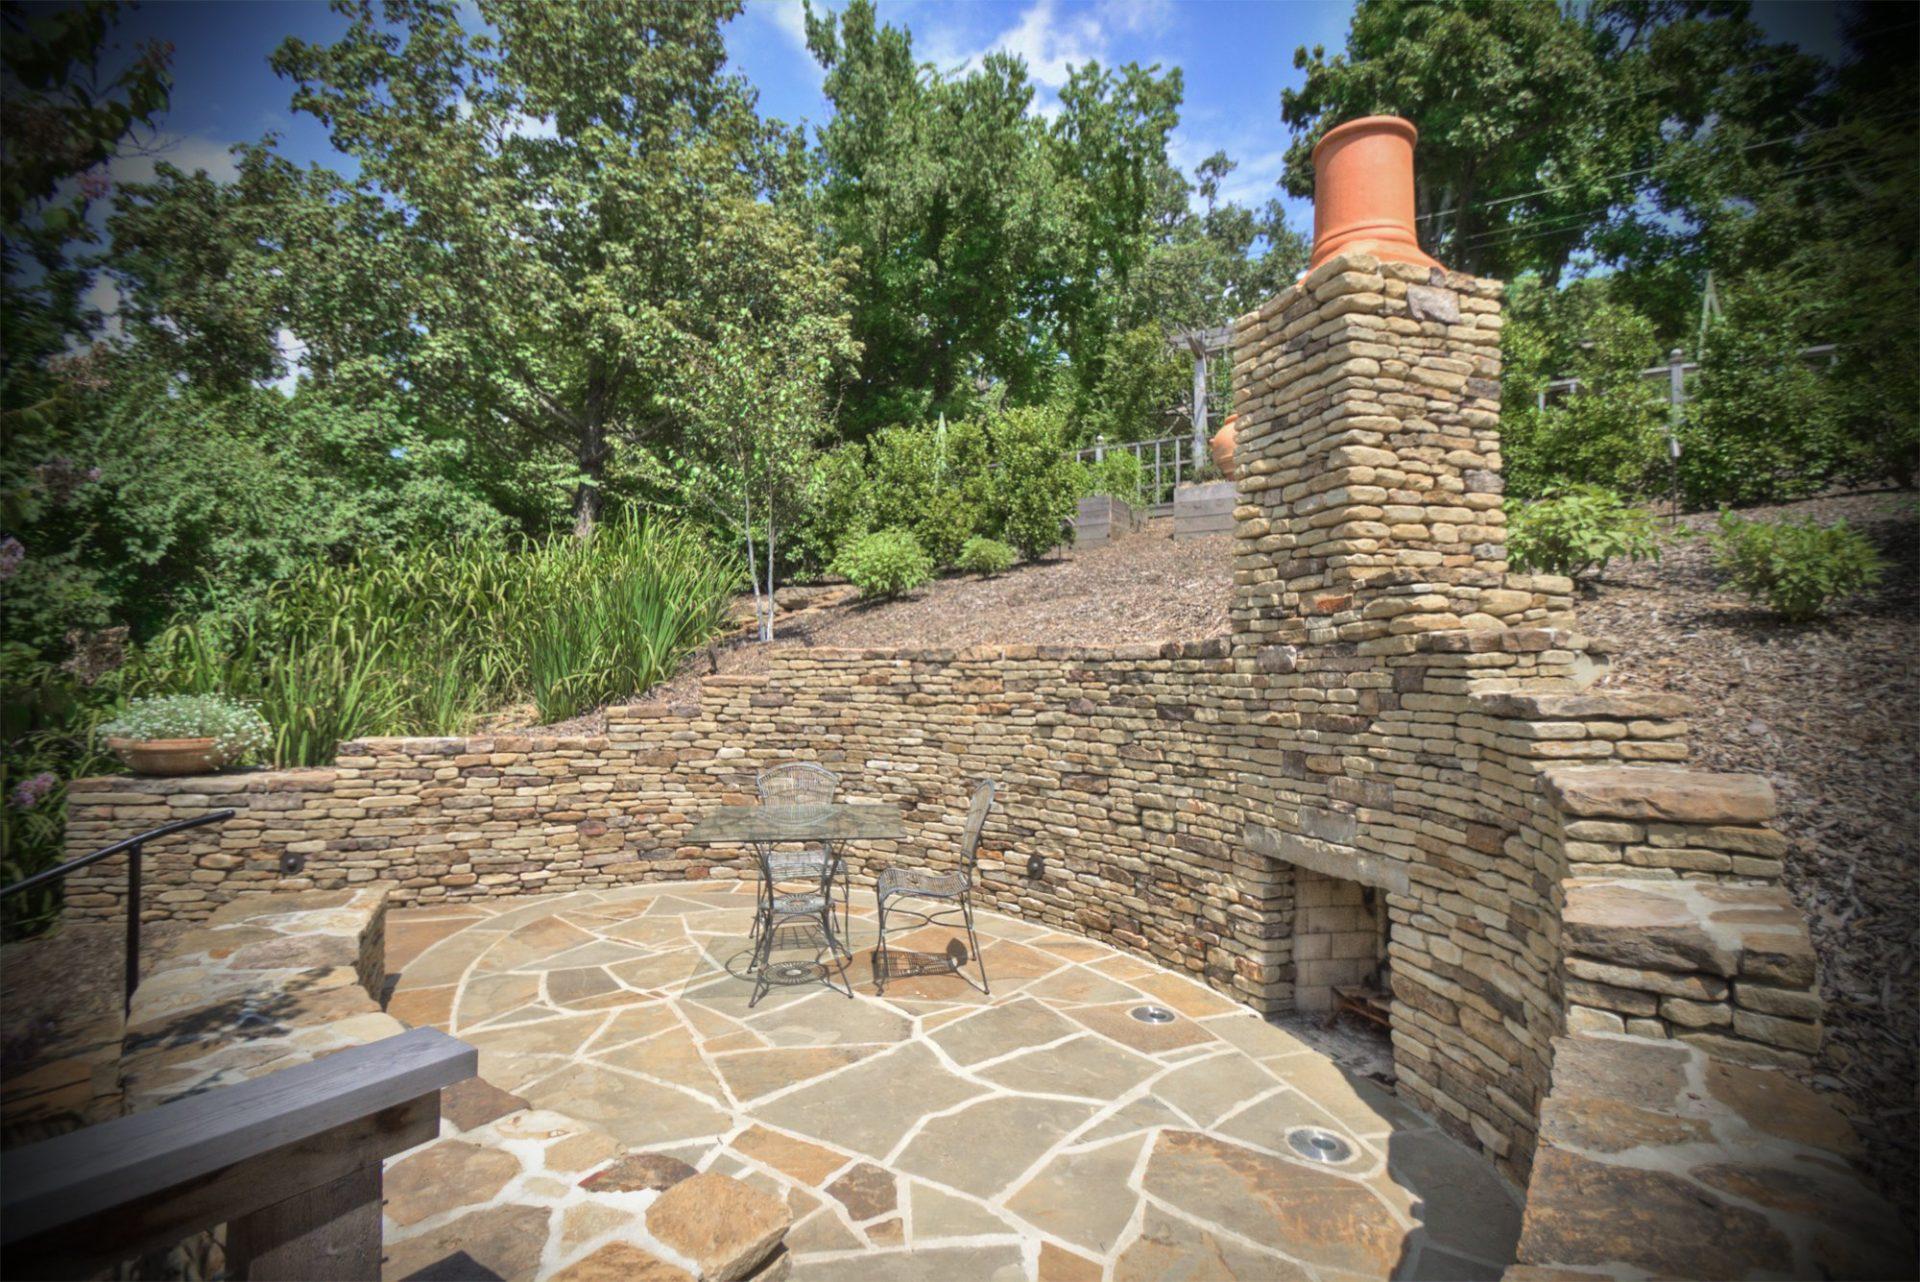 fire ring garden design residential